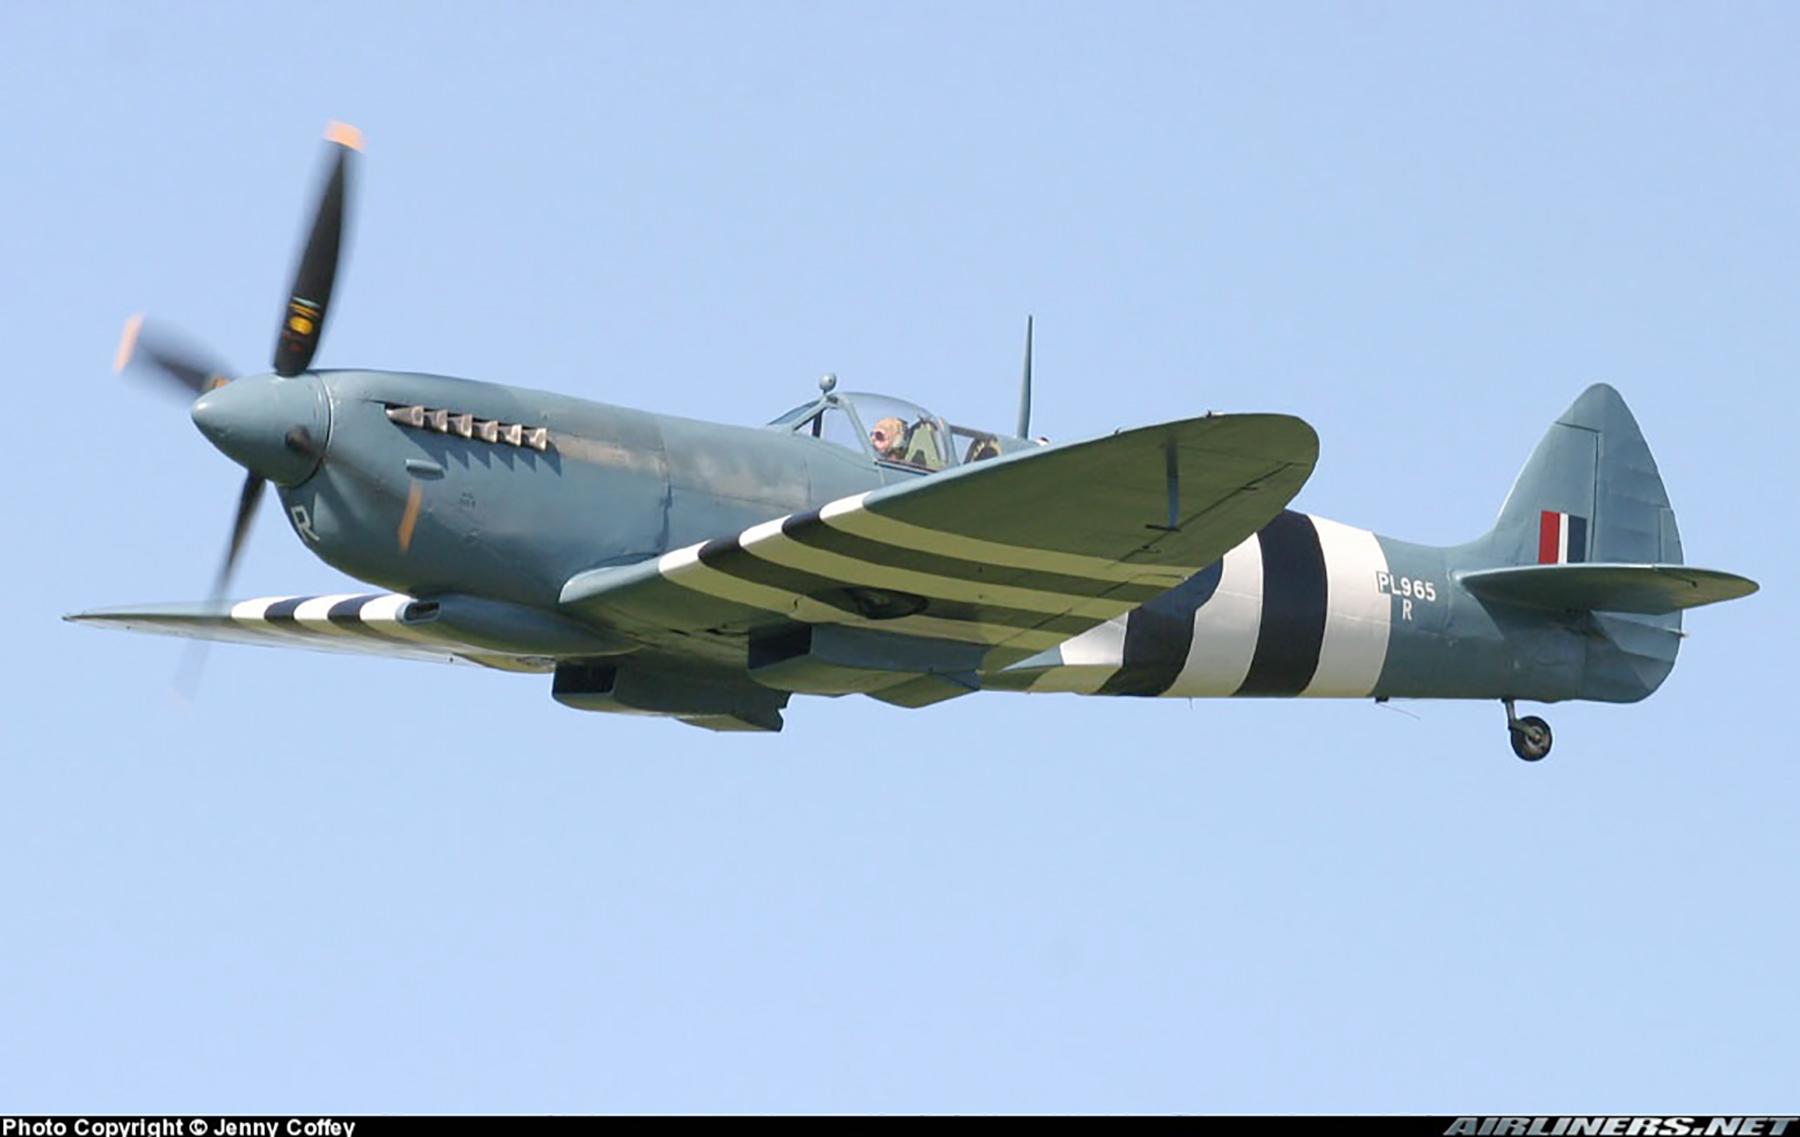 Airworthy Spitfire warbird PRXI RAF 16Sqn R PL965 02